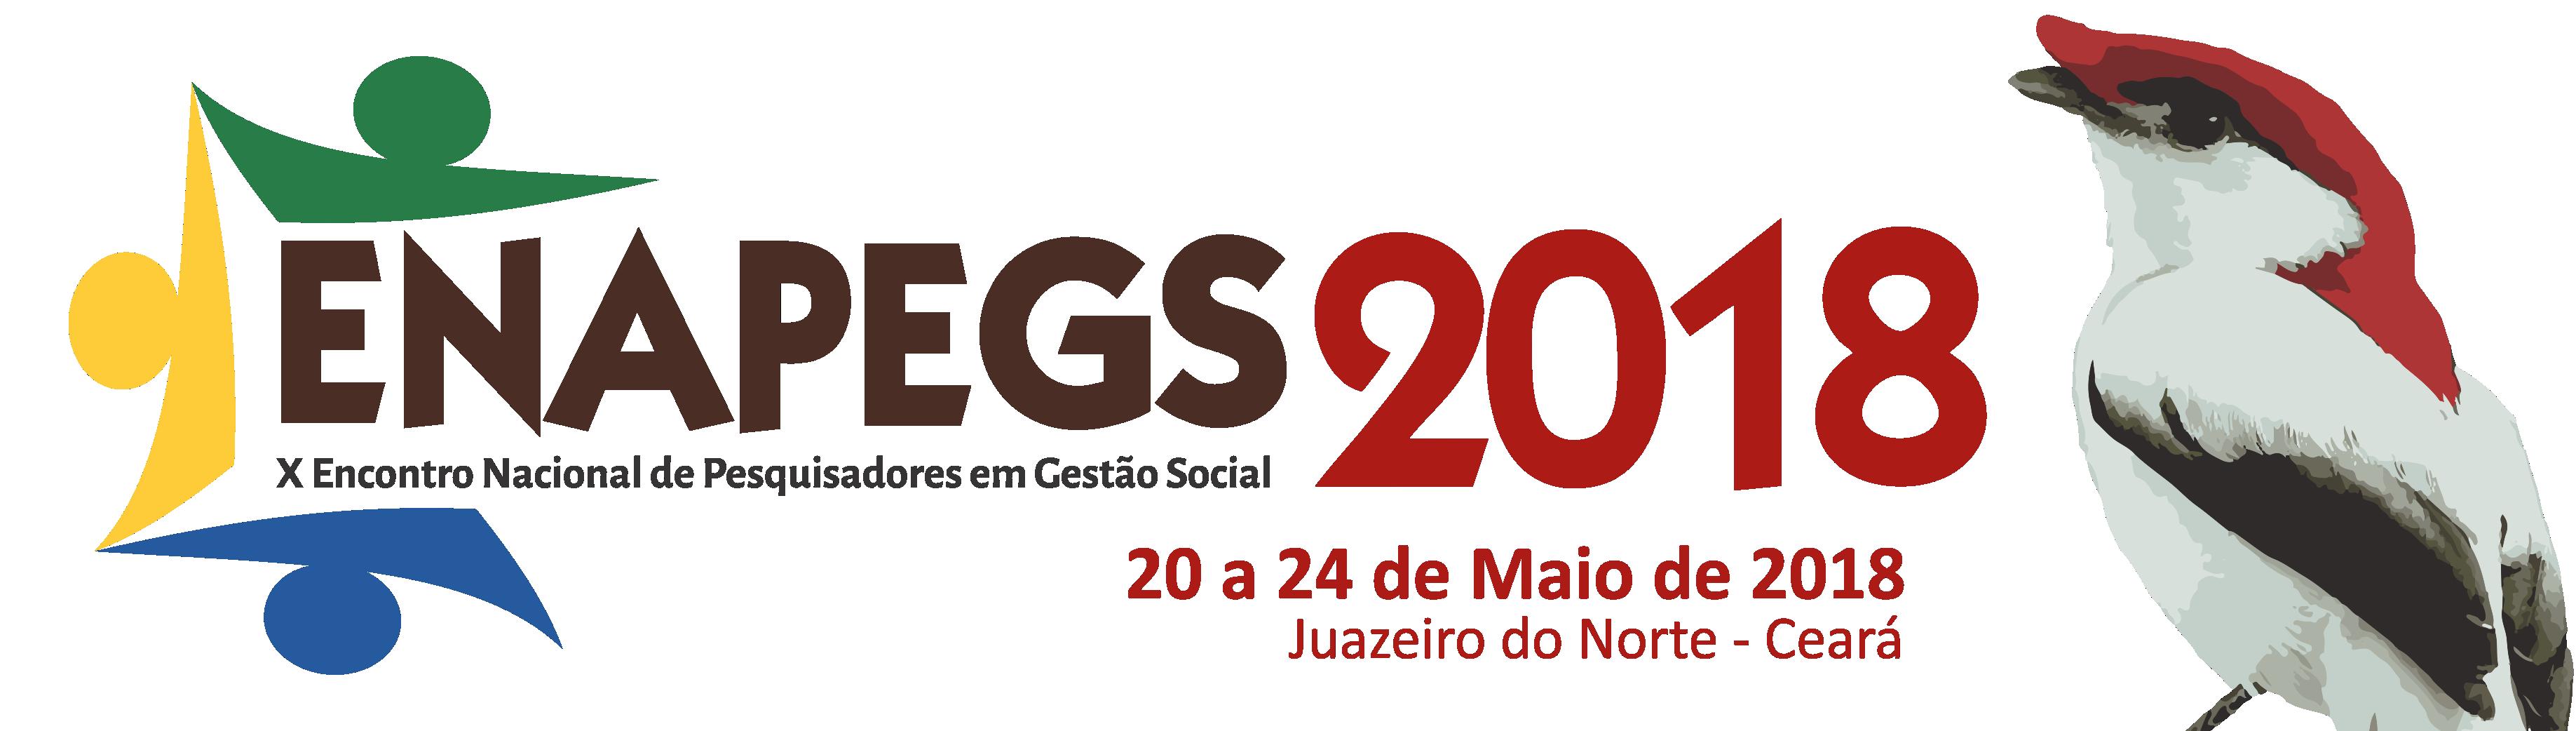 Encontro Nacional de Pesquisadores em Gestão Social – ENAPEGS